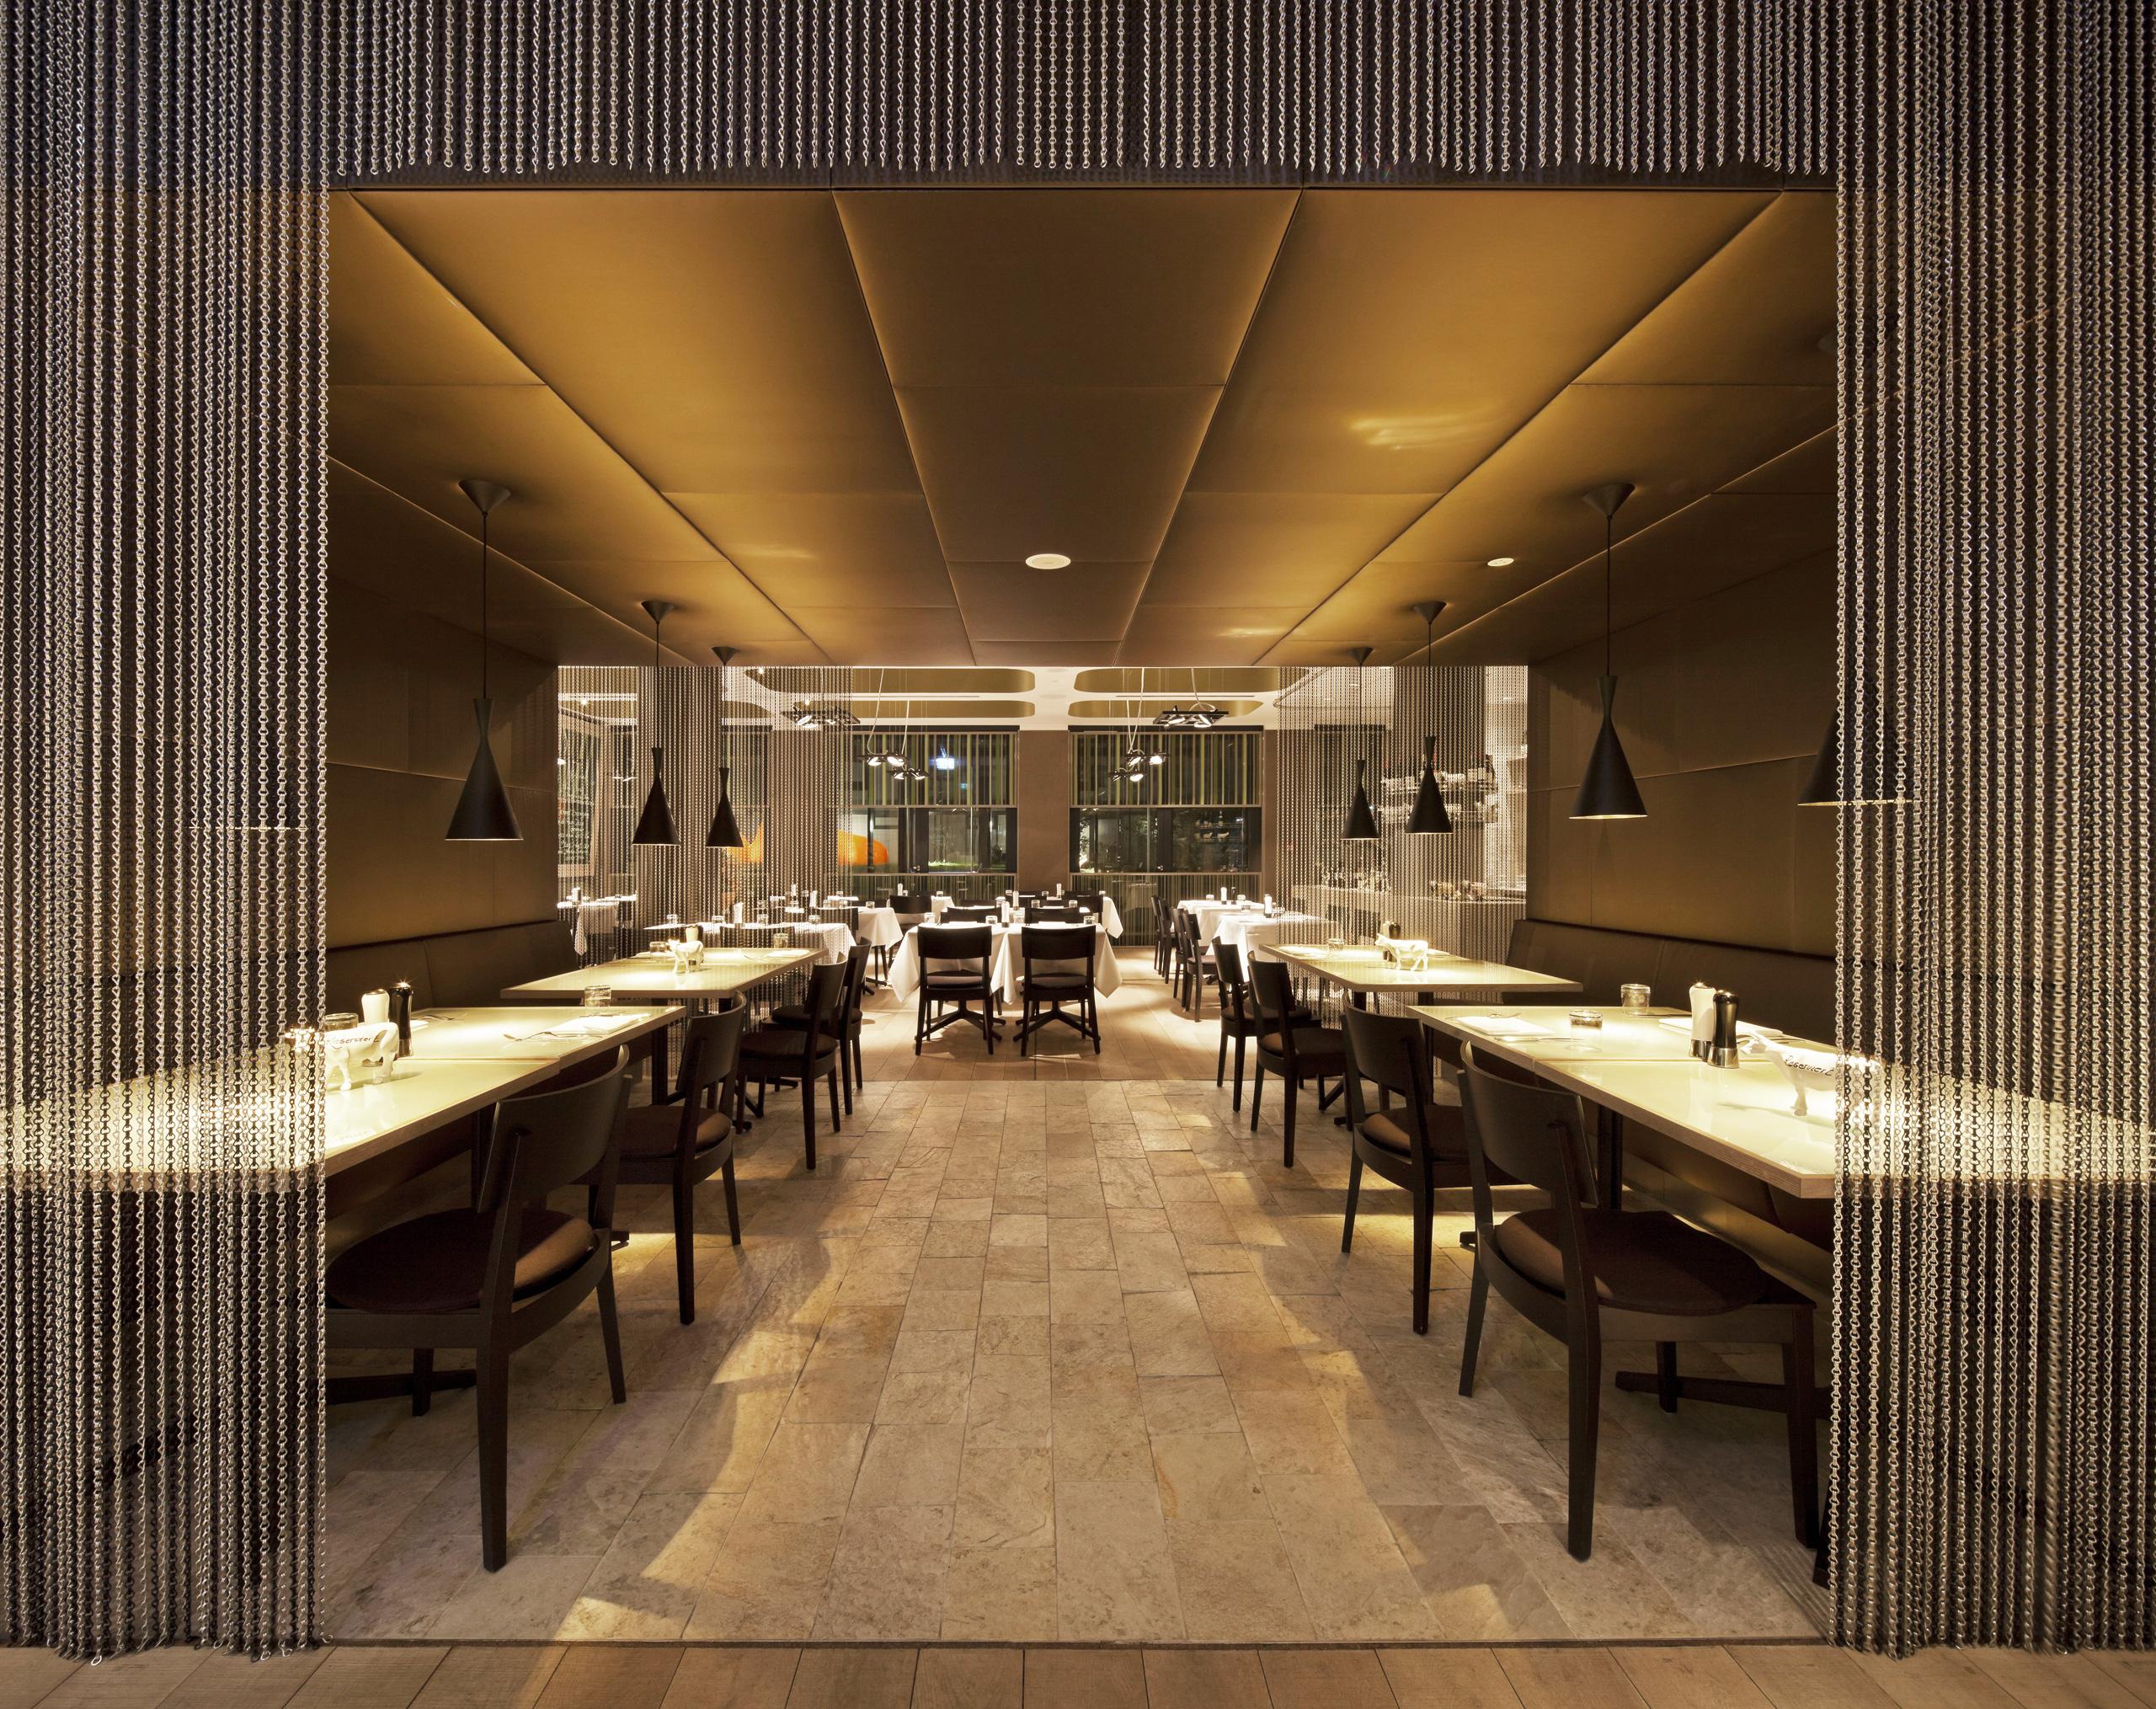 La Maison de L\'entrecote Restaurant Berlin Mitte Home - La Maison de ...